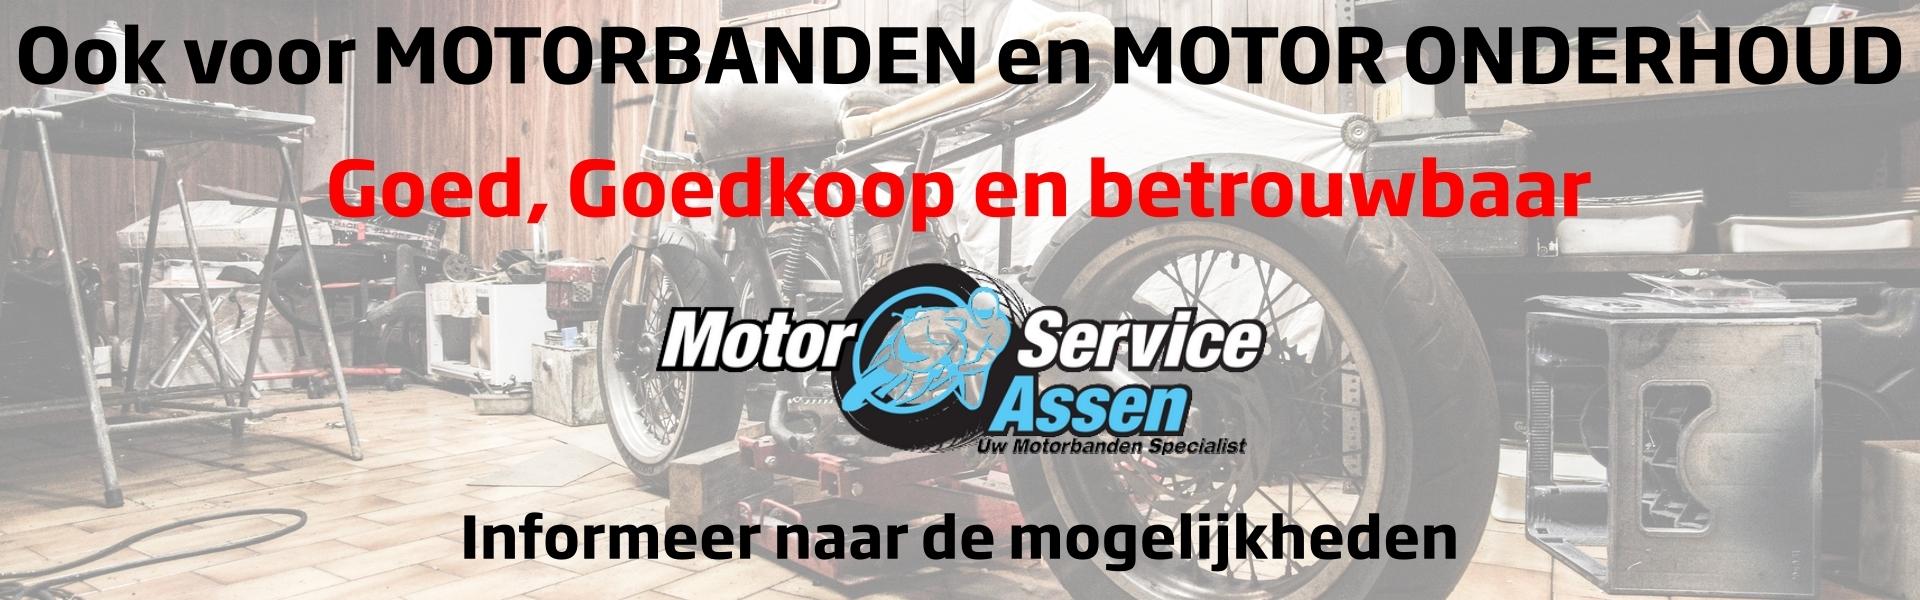 Ook voor uw motorbanden en onderhoud moet u bij Banden en Autoservice Assen zijn, informeer naar de mogelijkheden.